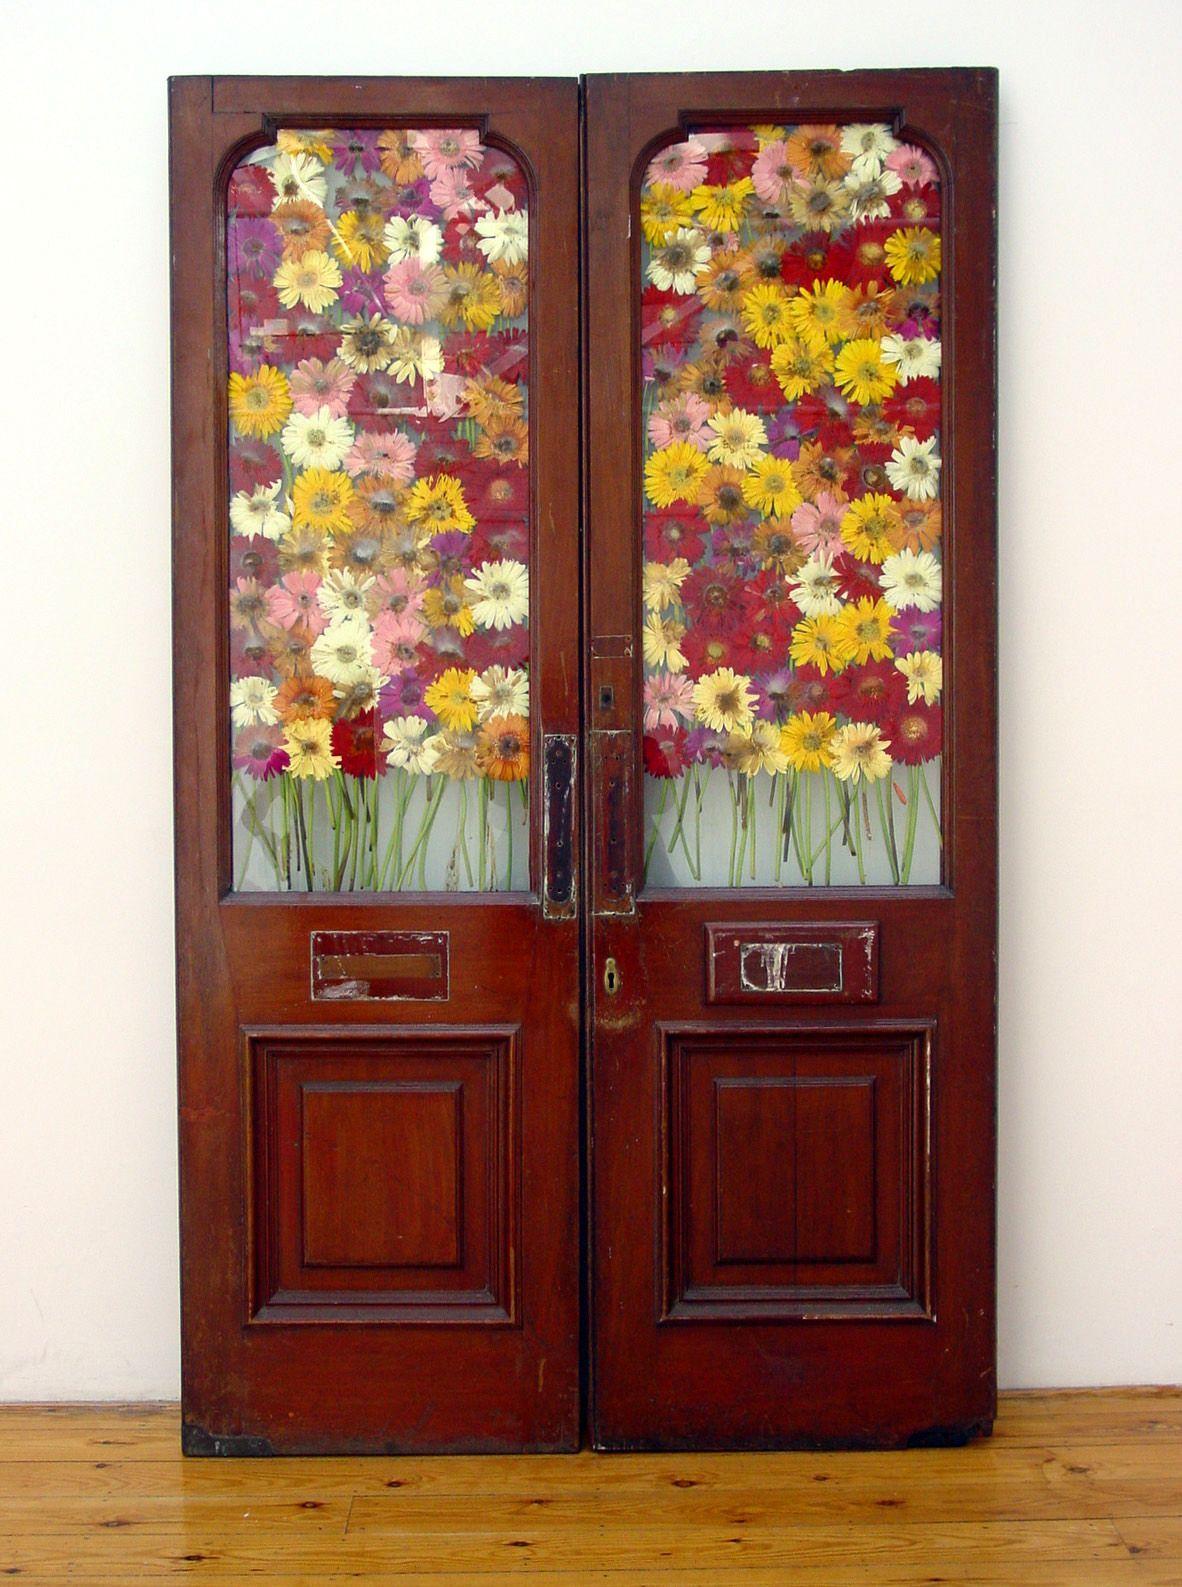 like we've never met, 2003, Found mahoghany glazed doors